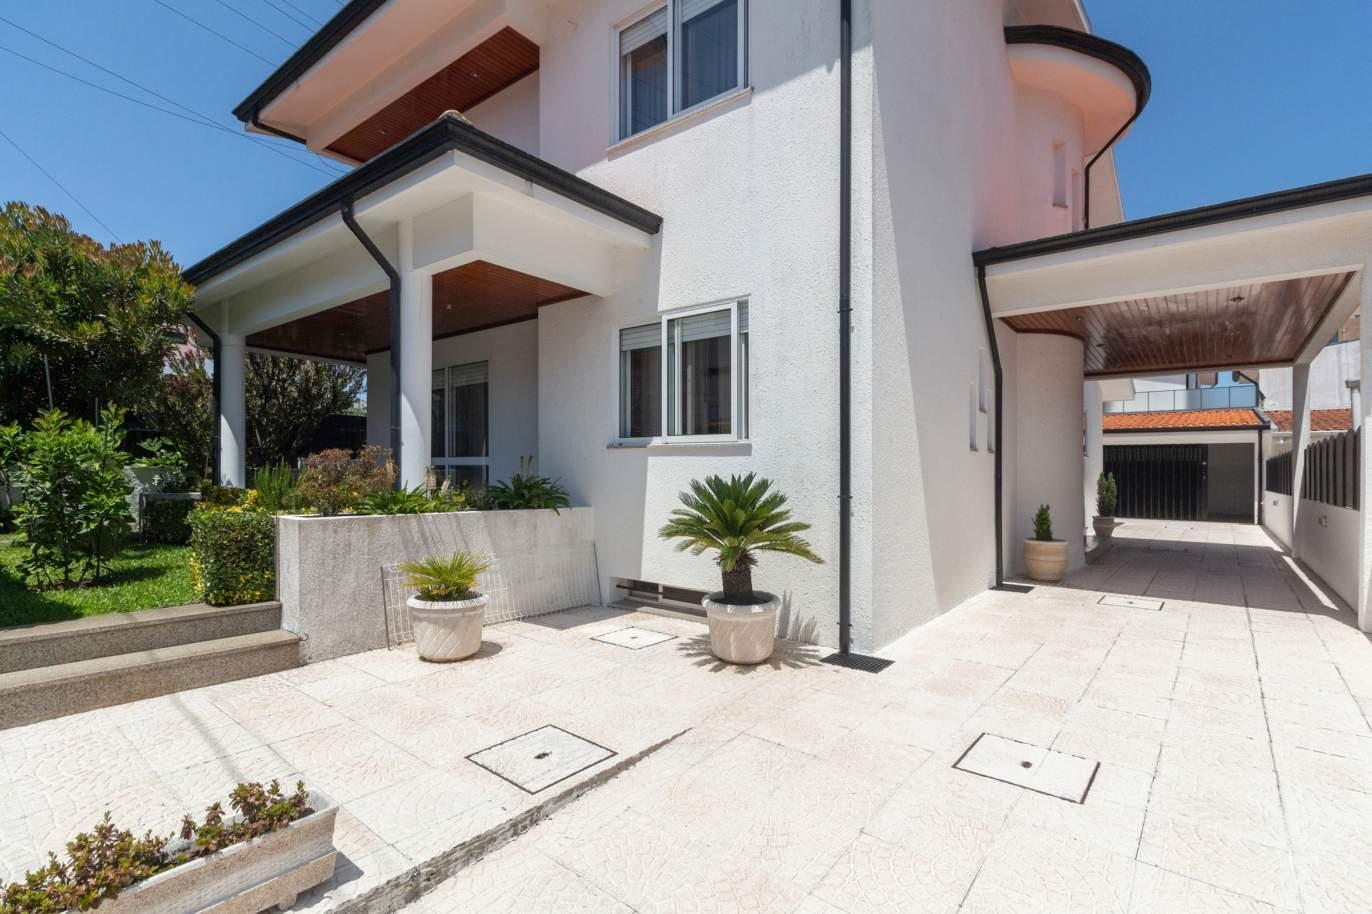 villa-de-4-1-chambres-avec-jardin-a-vendre-a-maia-porto-portugal